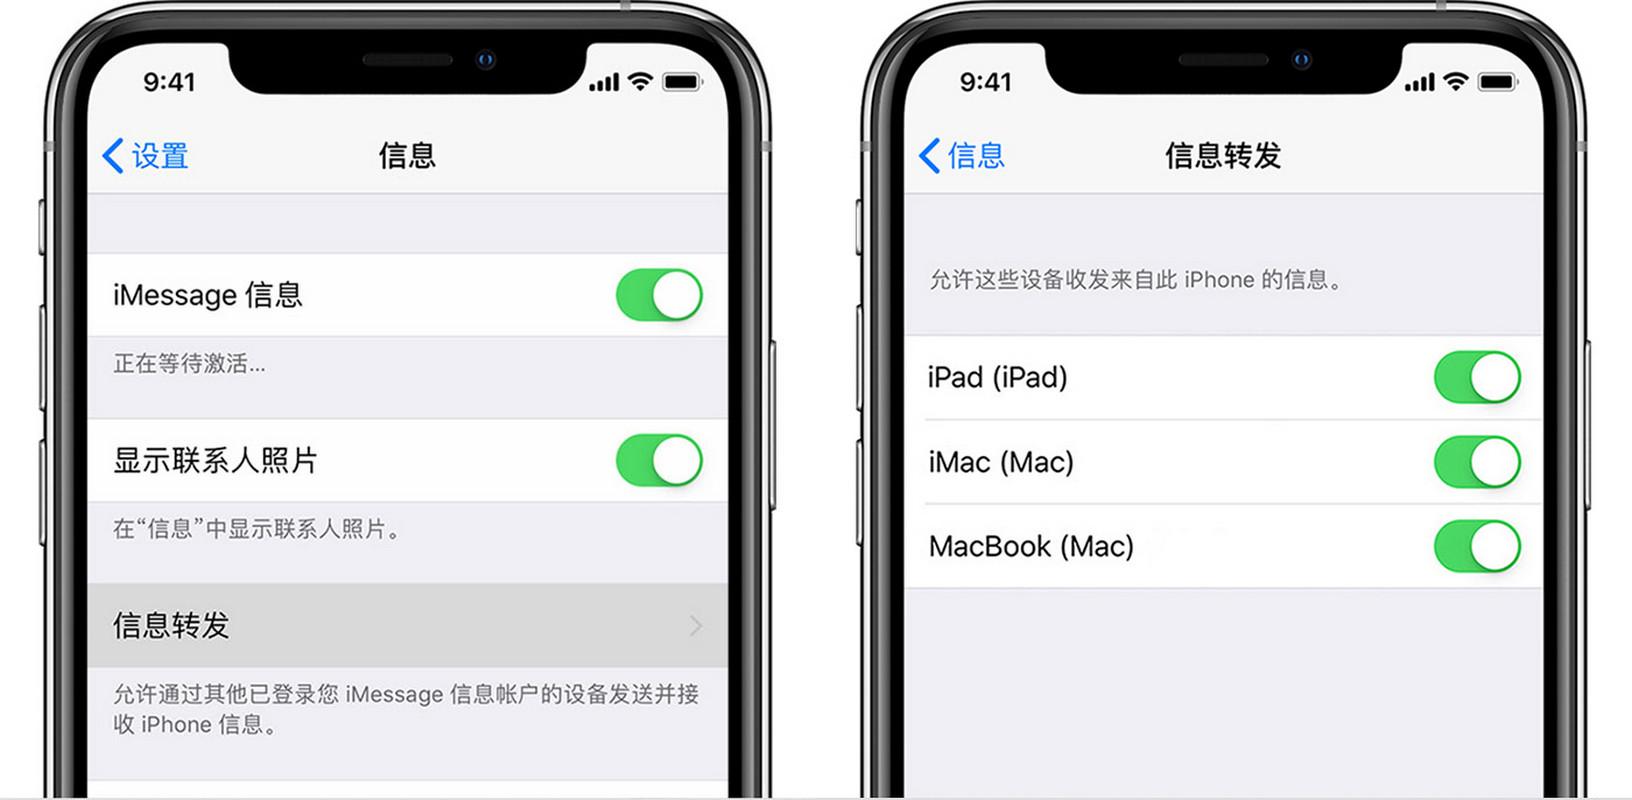 如何在电脑端收发 iPhone 短信?